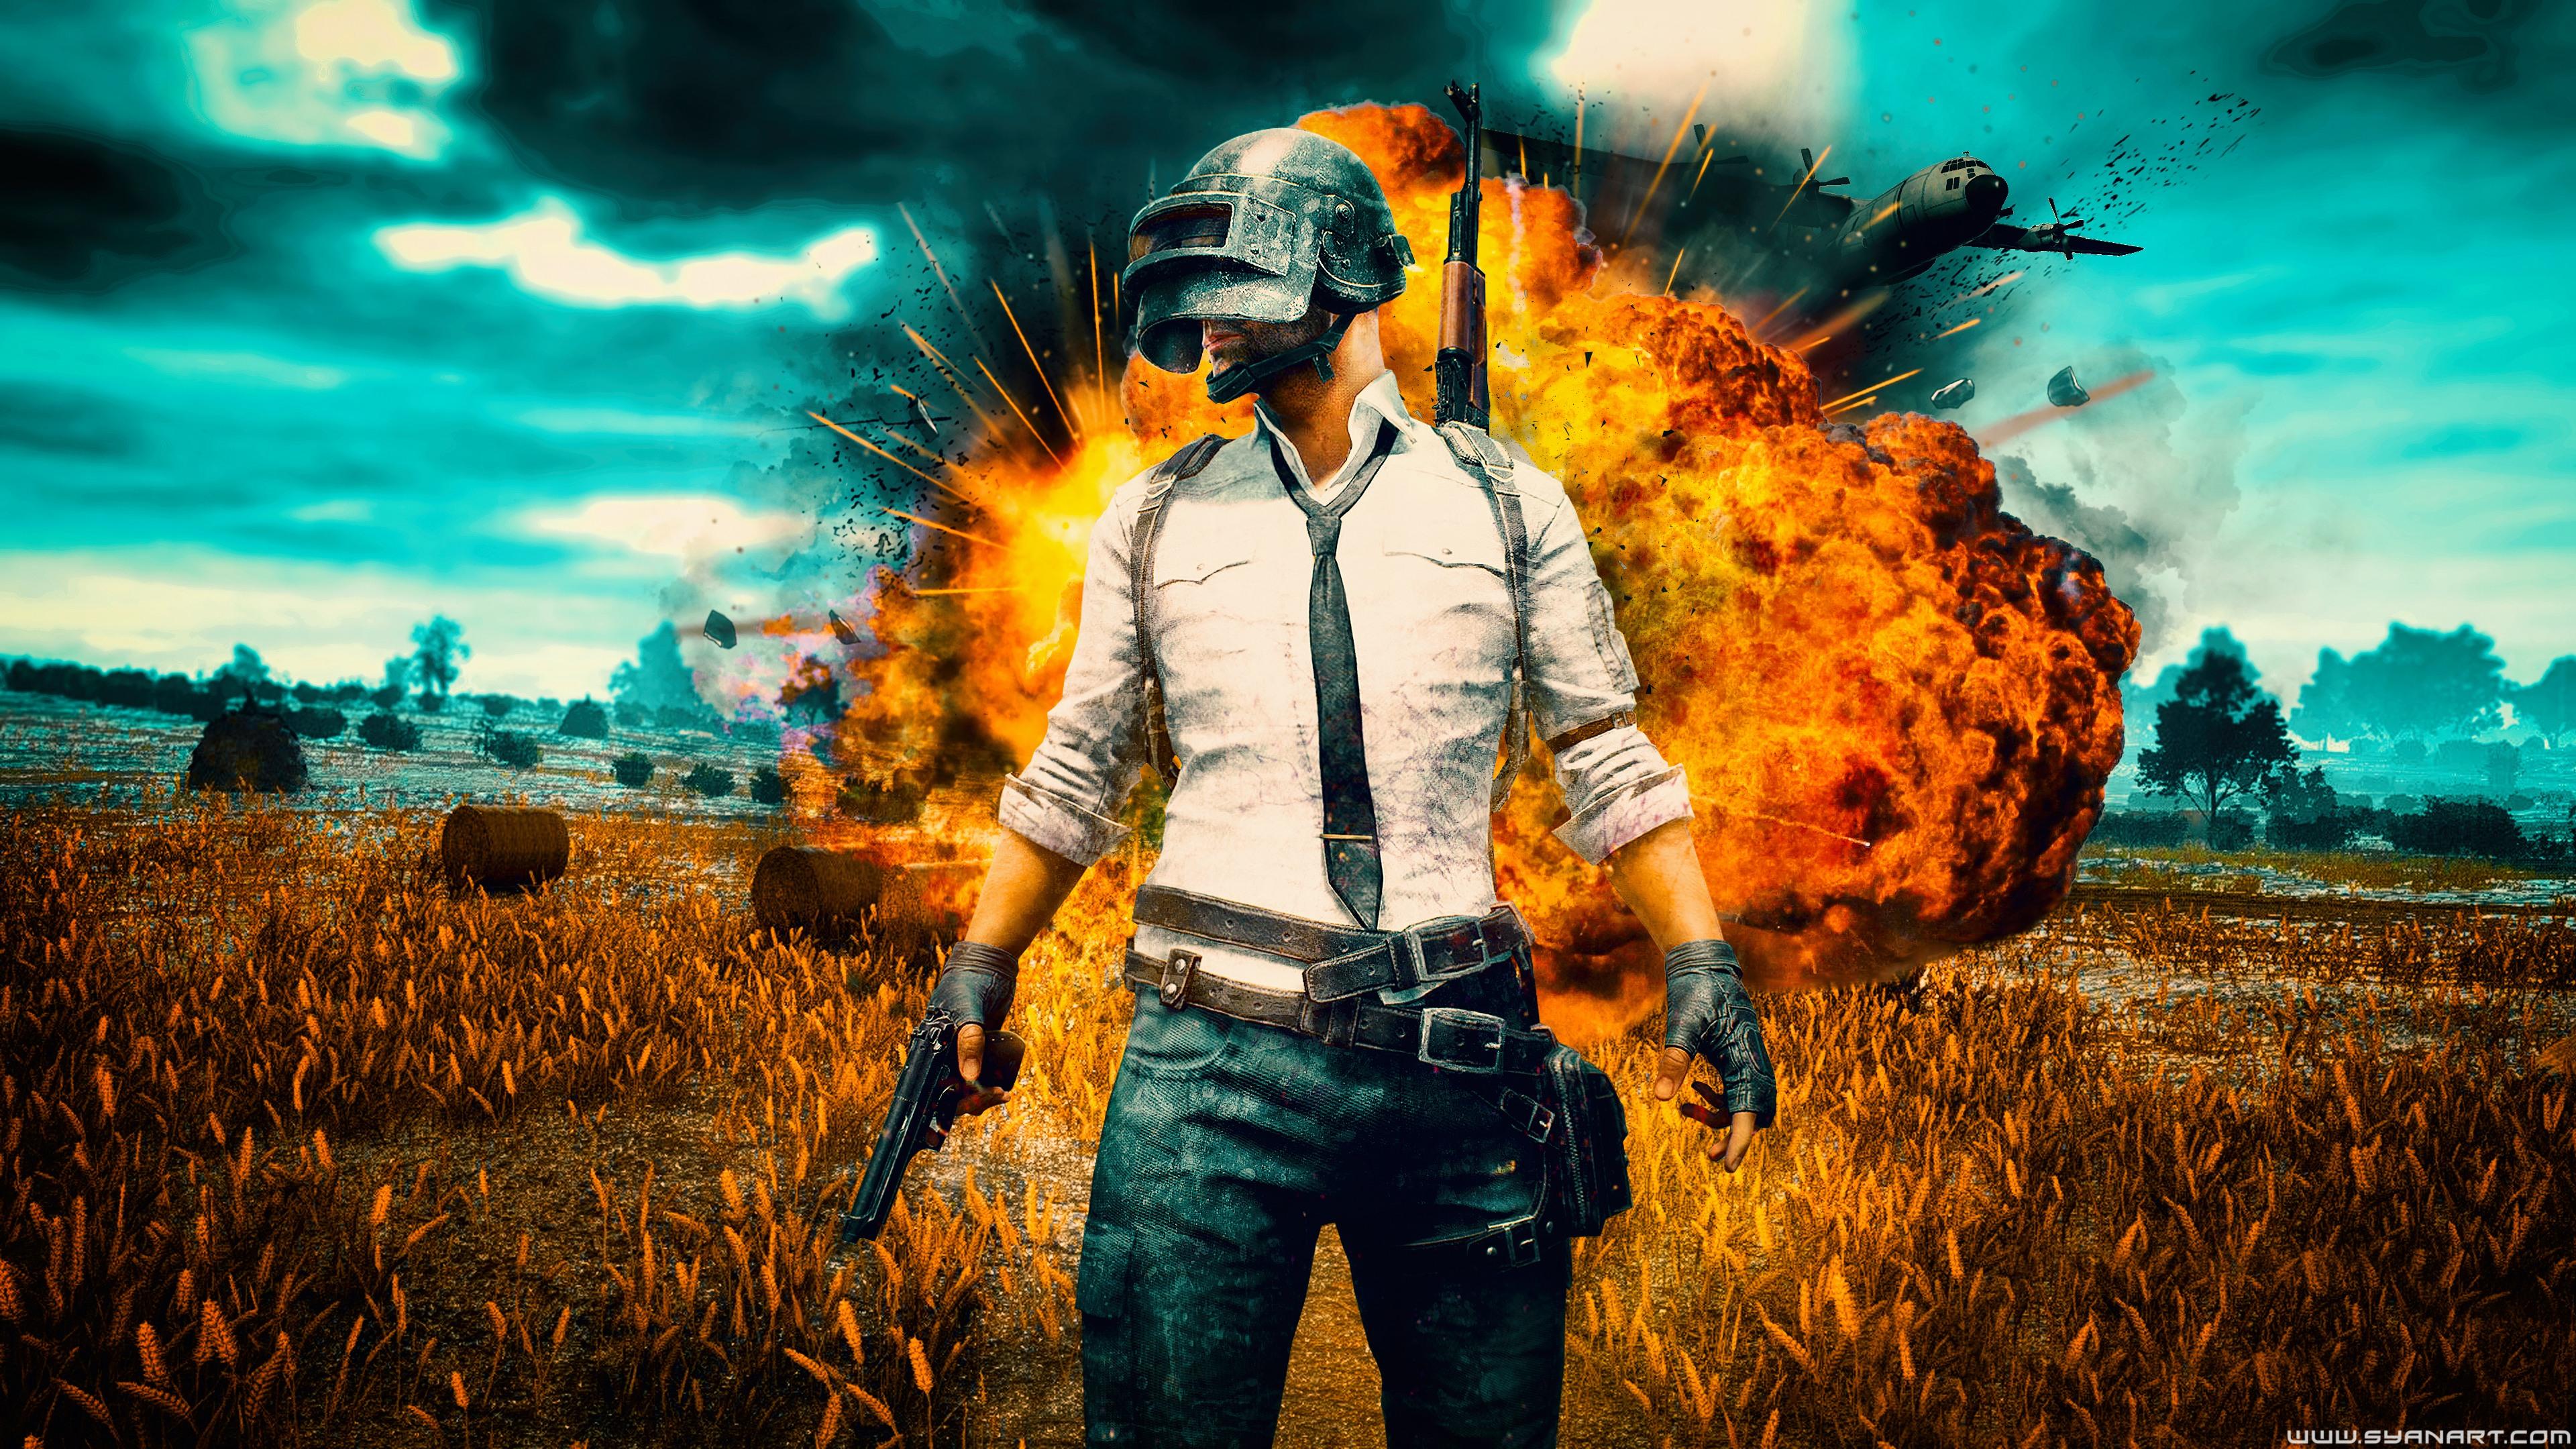 playerunknowns battlegrounds pubg full hd wallpaper